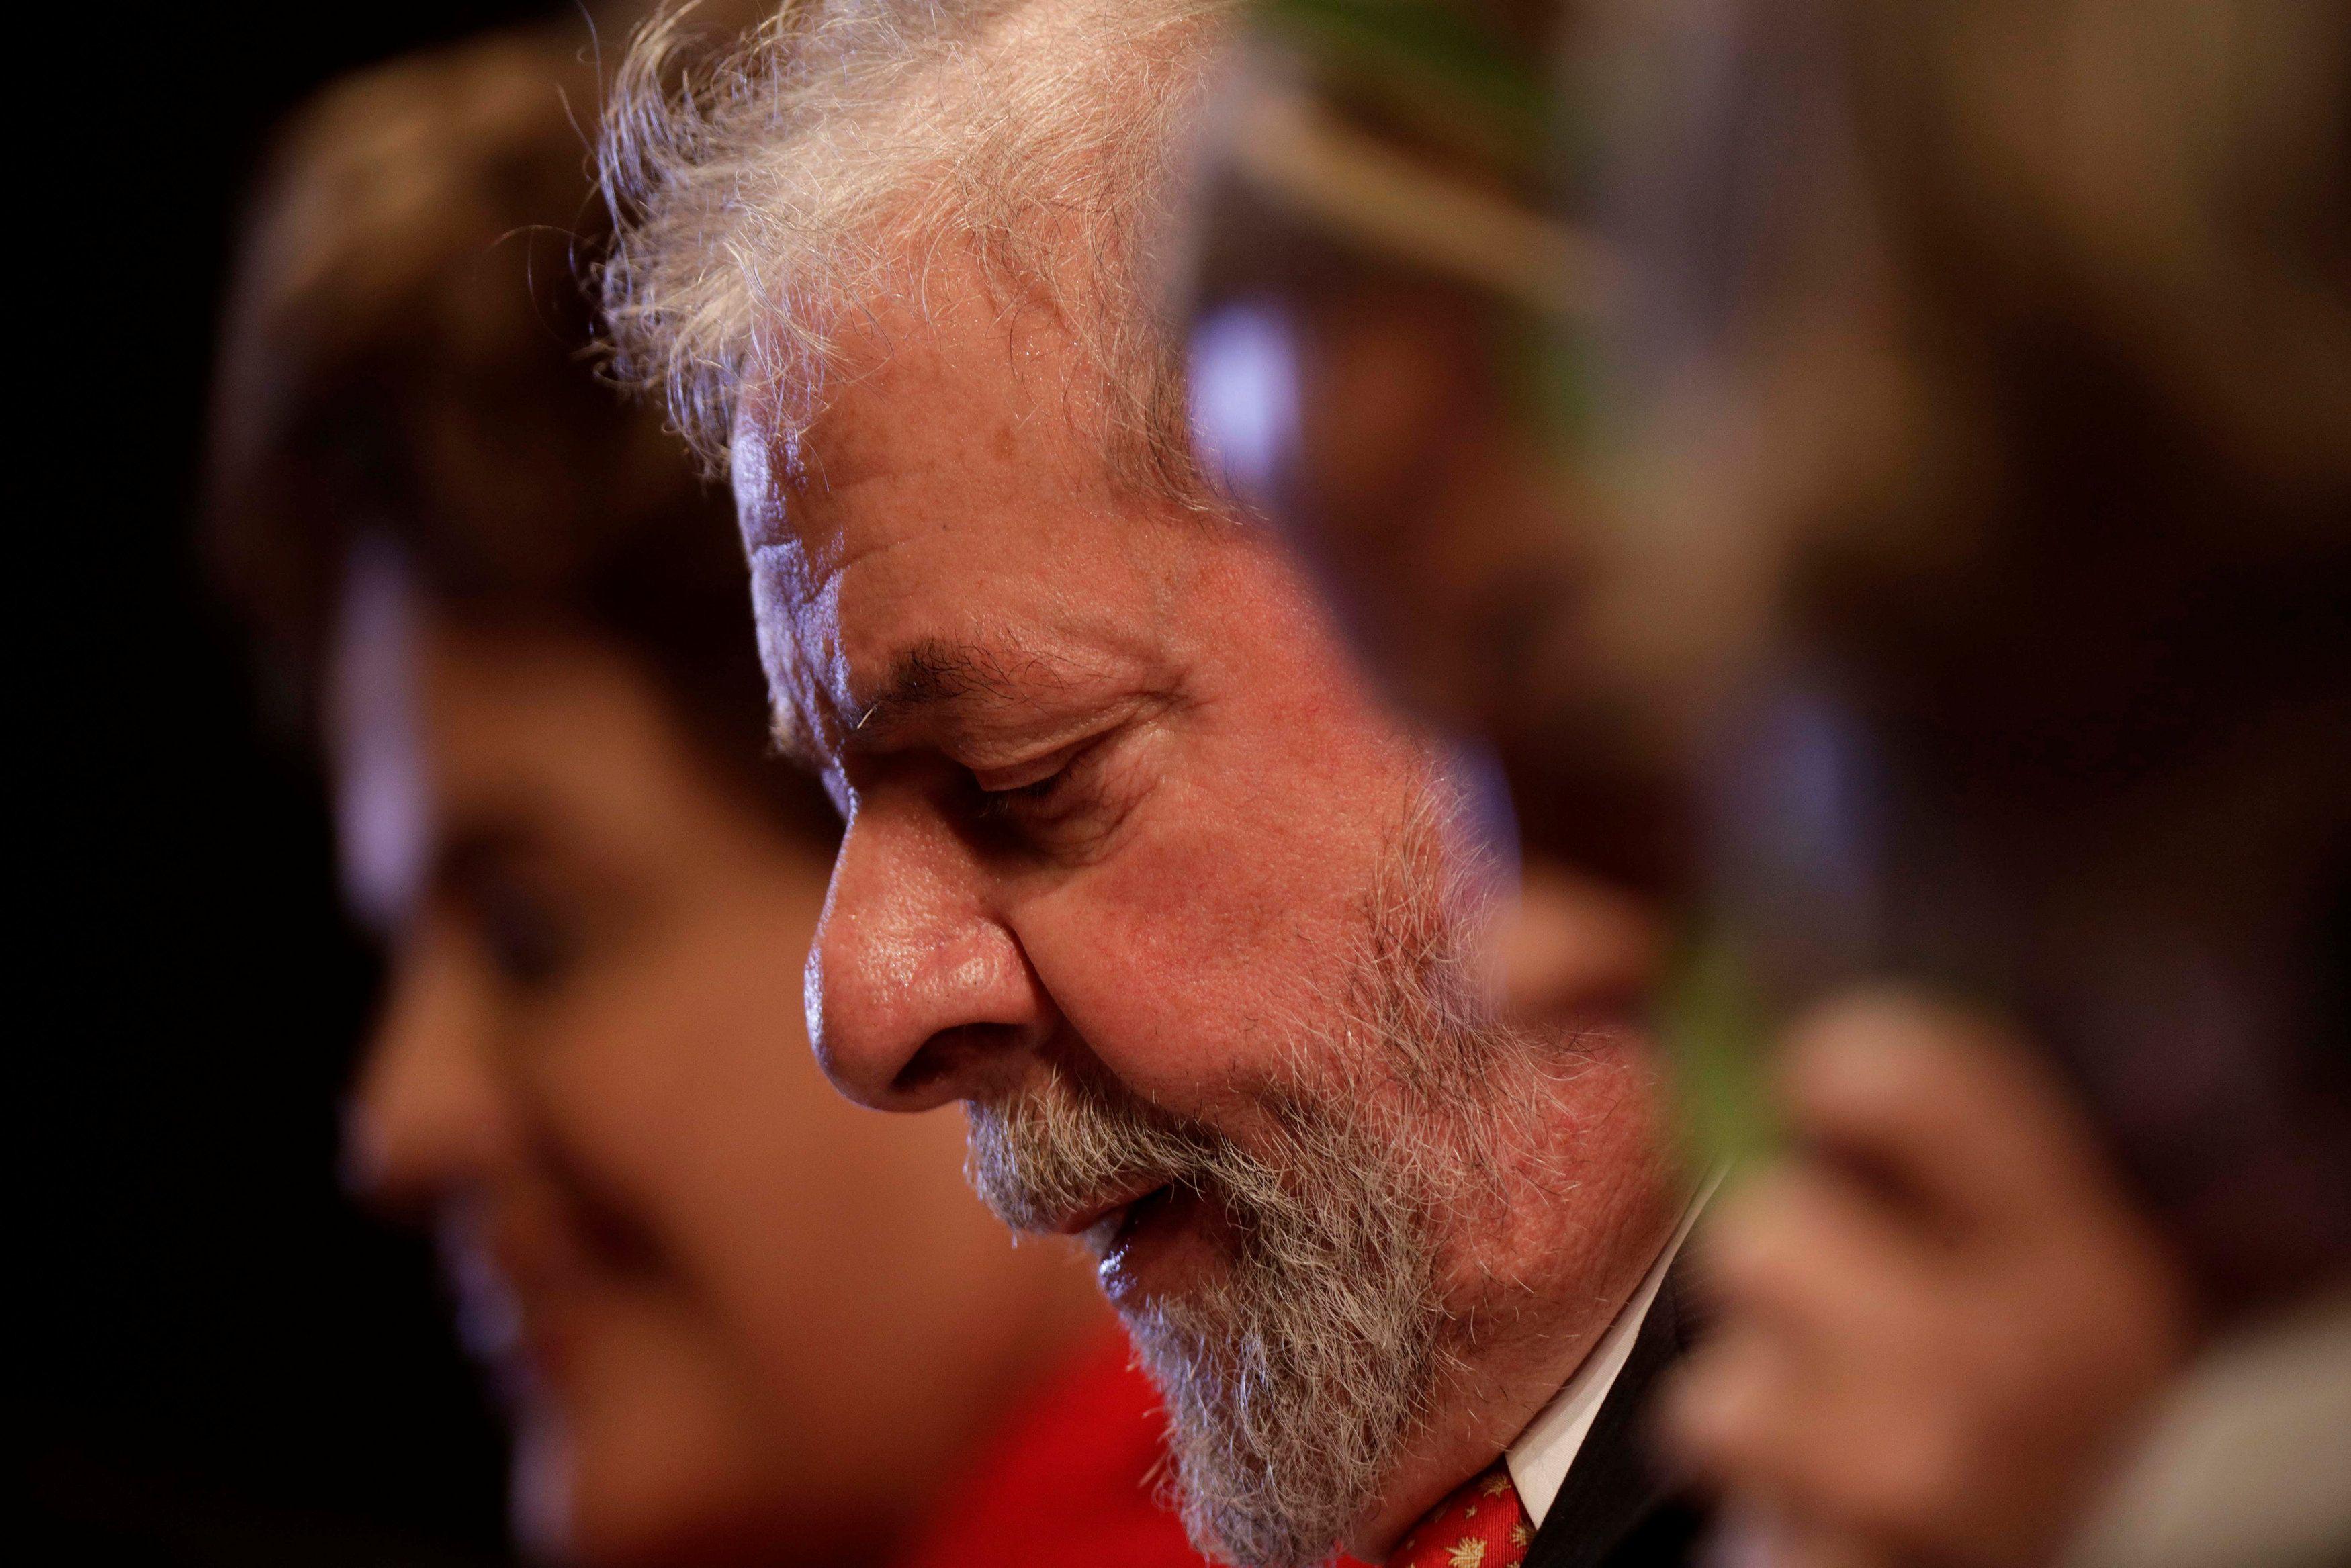 Petistas falam em perseguição política de Lula; oposição celebra